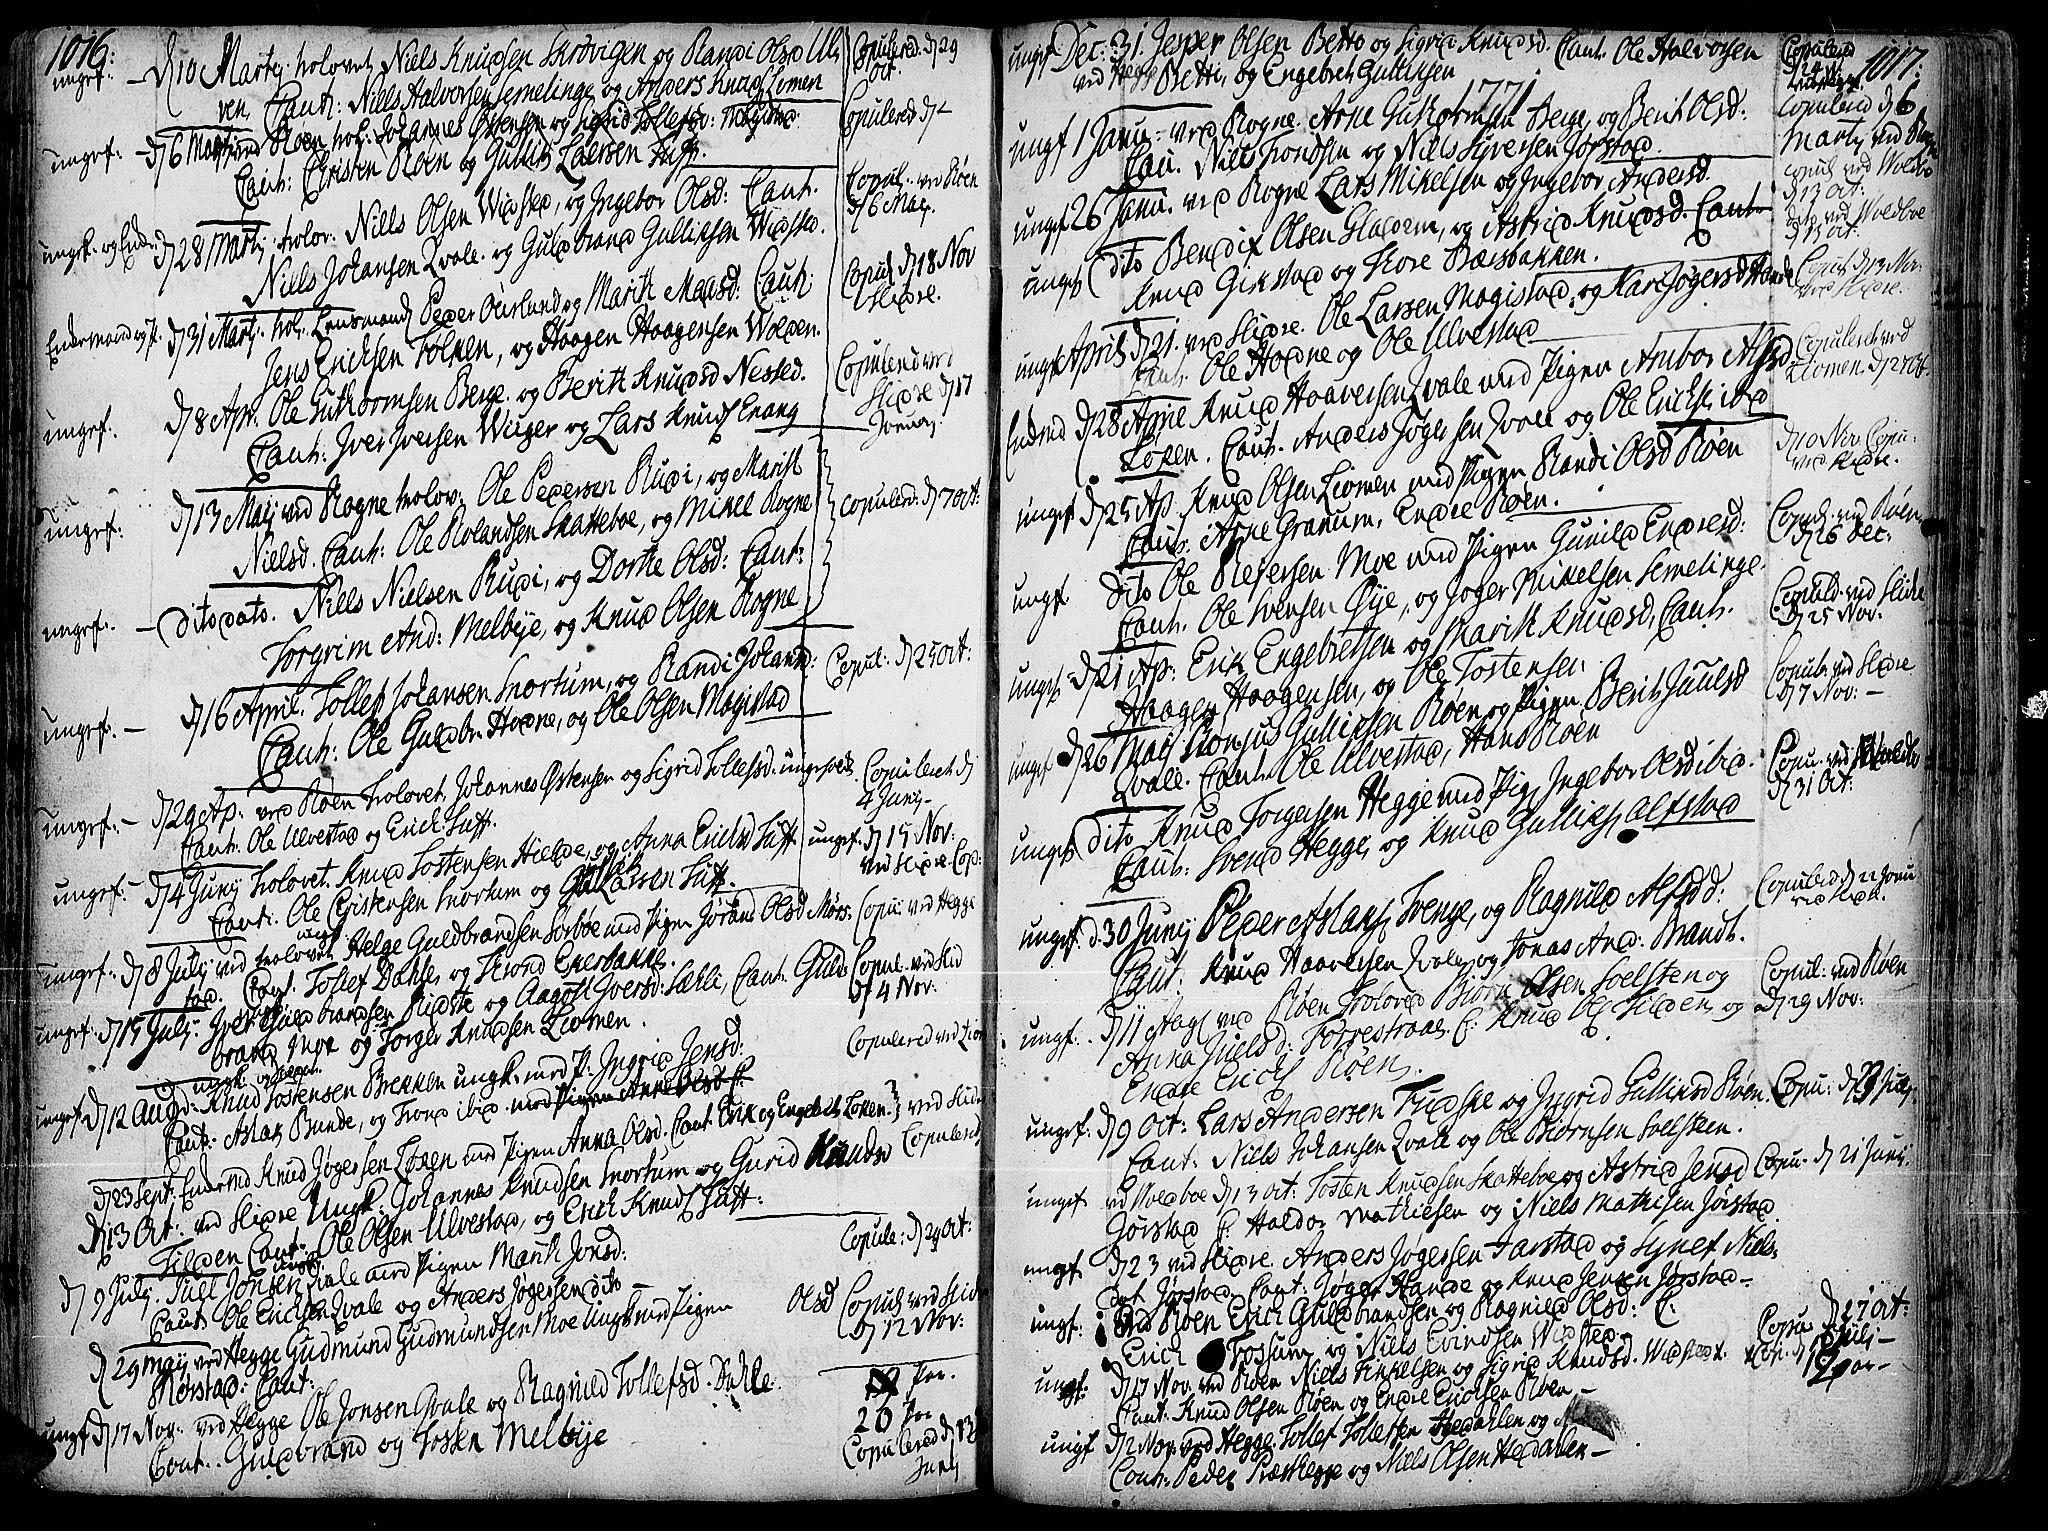 SAH, Slidre prestekontor, Ministerialbok nr. 1, 1724-1814, s. 1016-1017